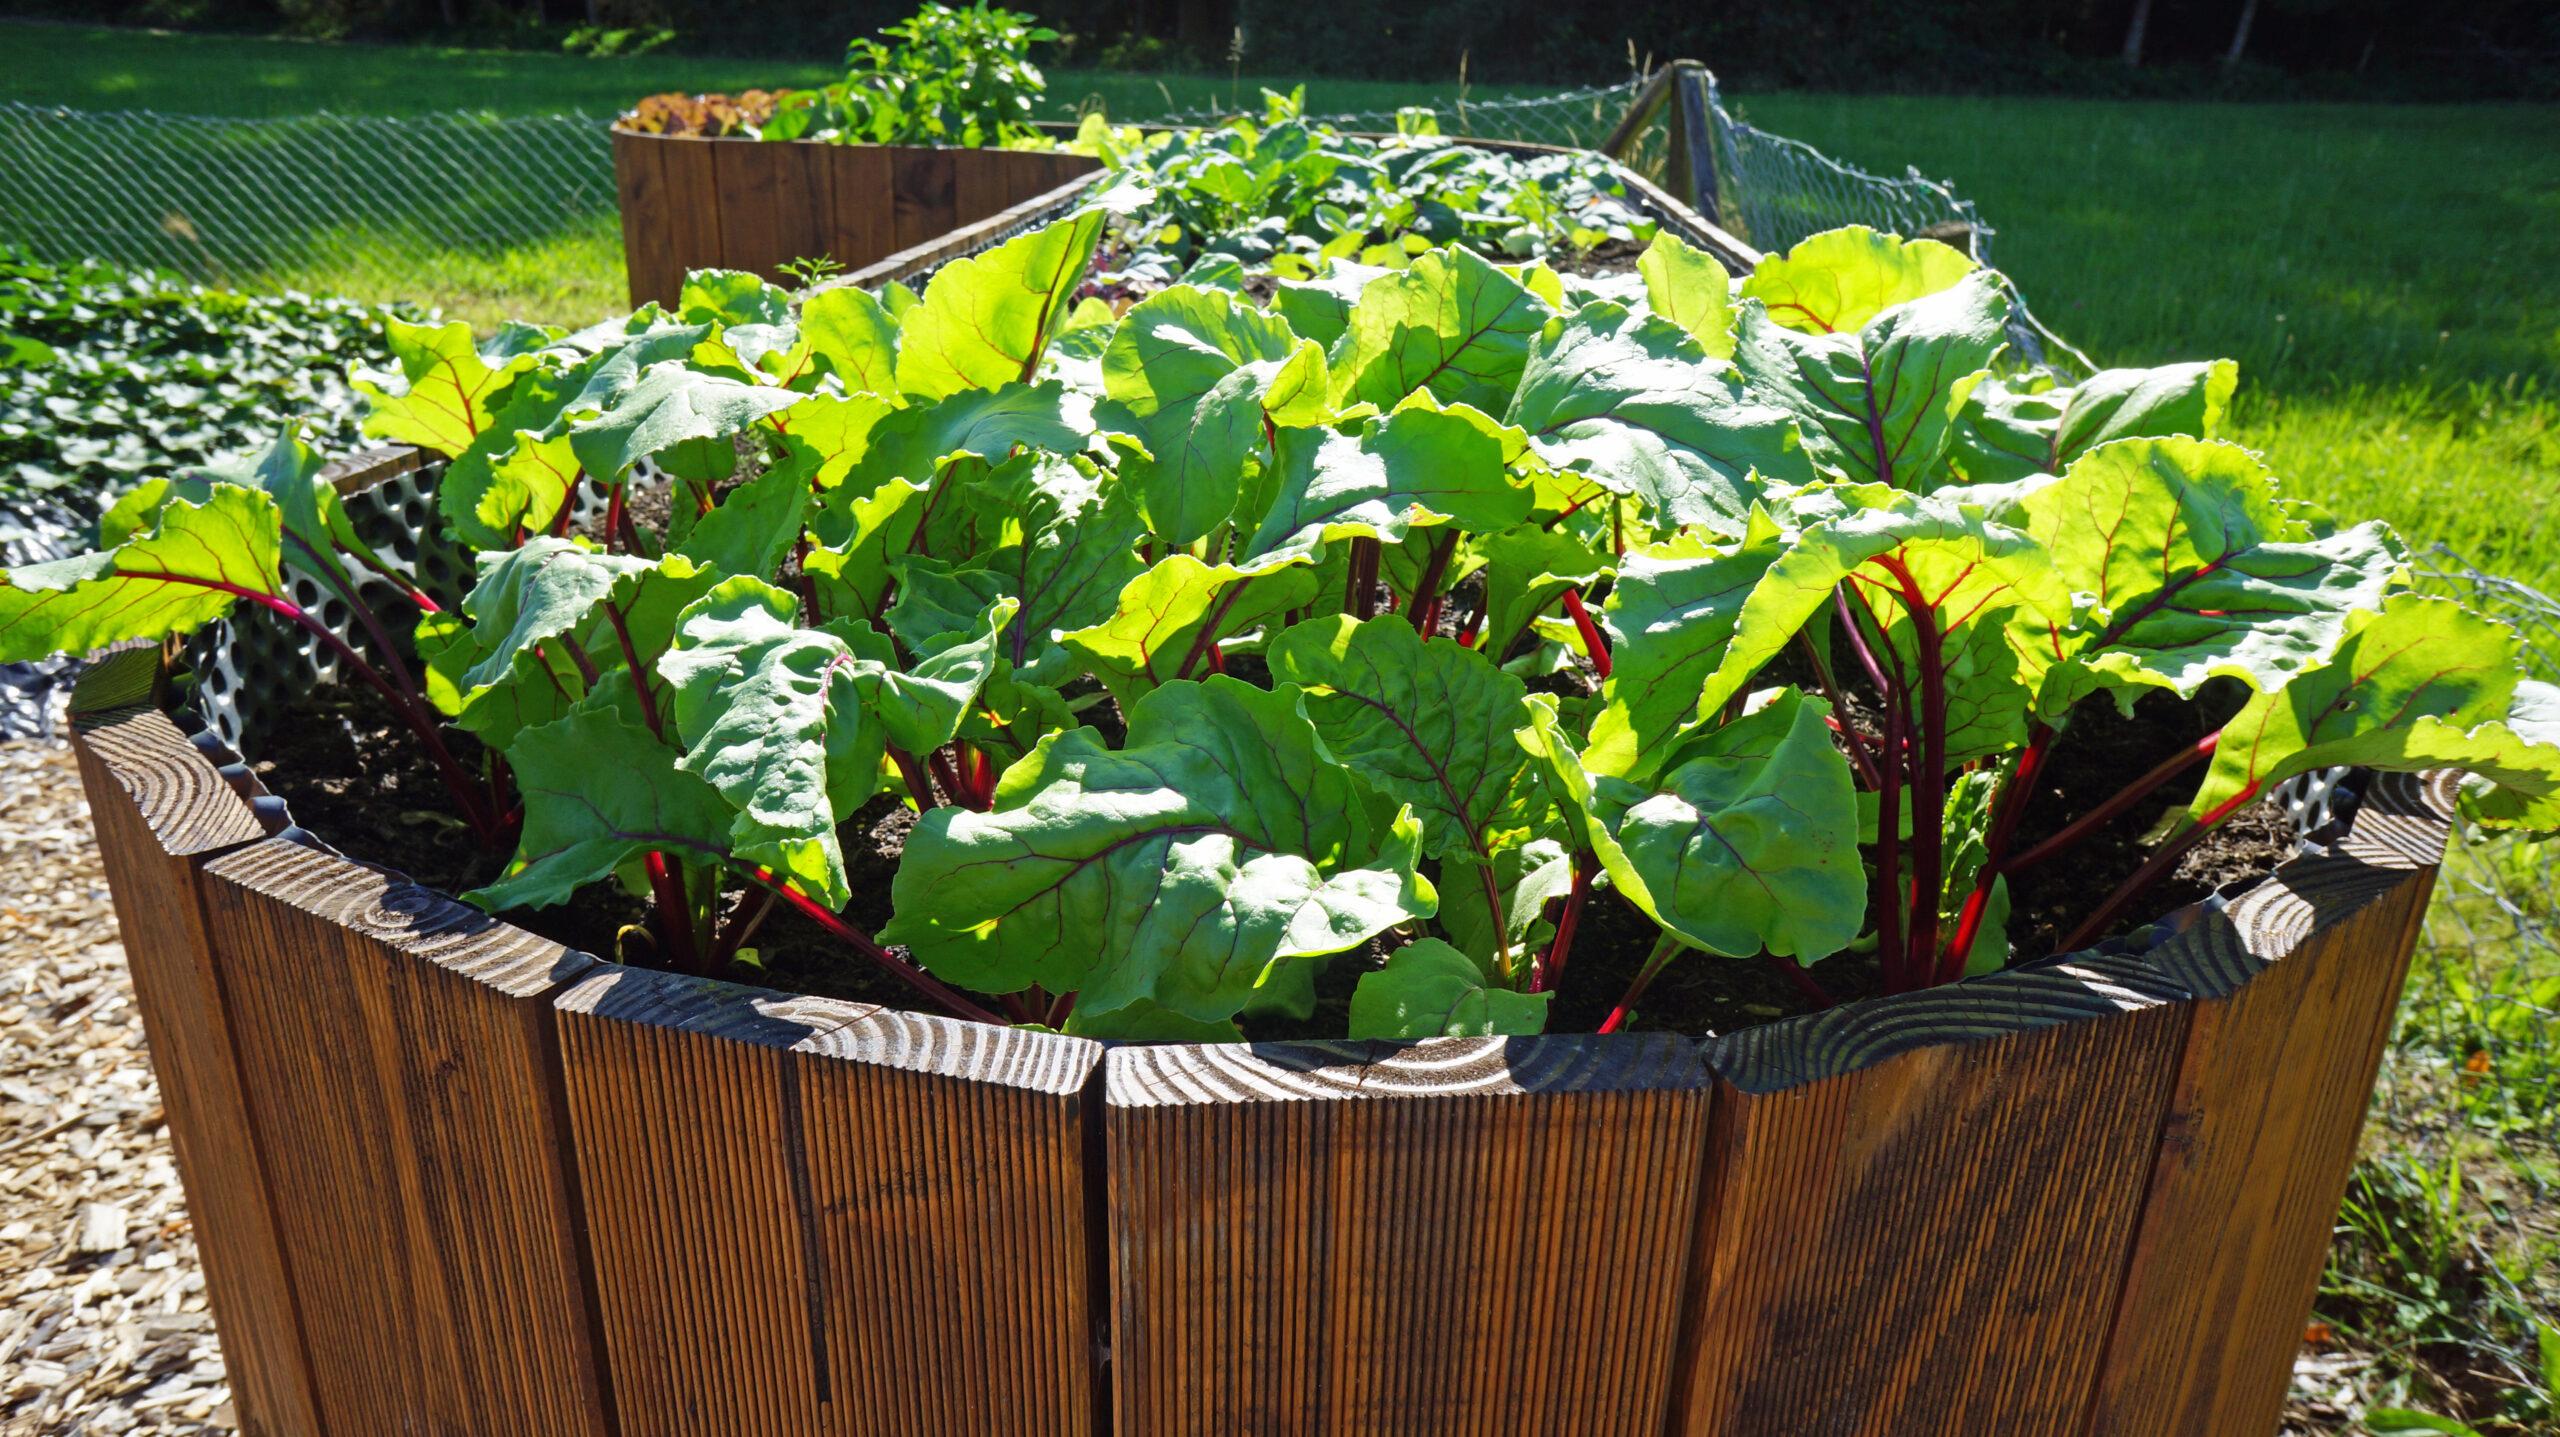 Gemüse im Hochbeet kultivieren